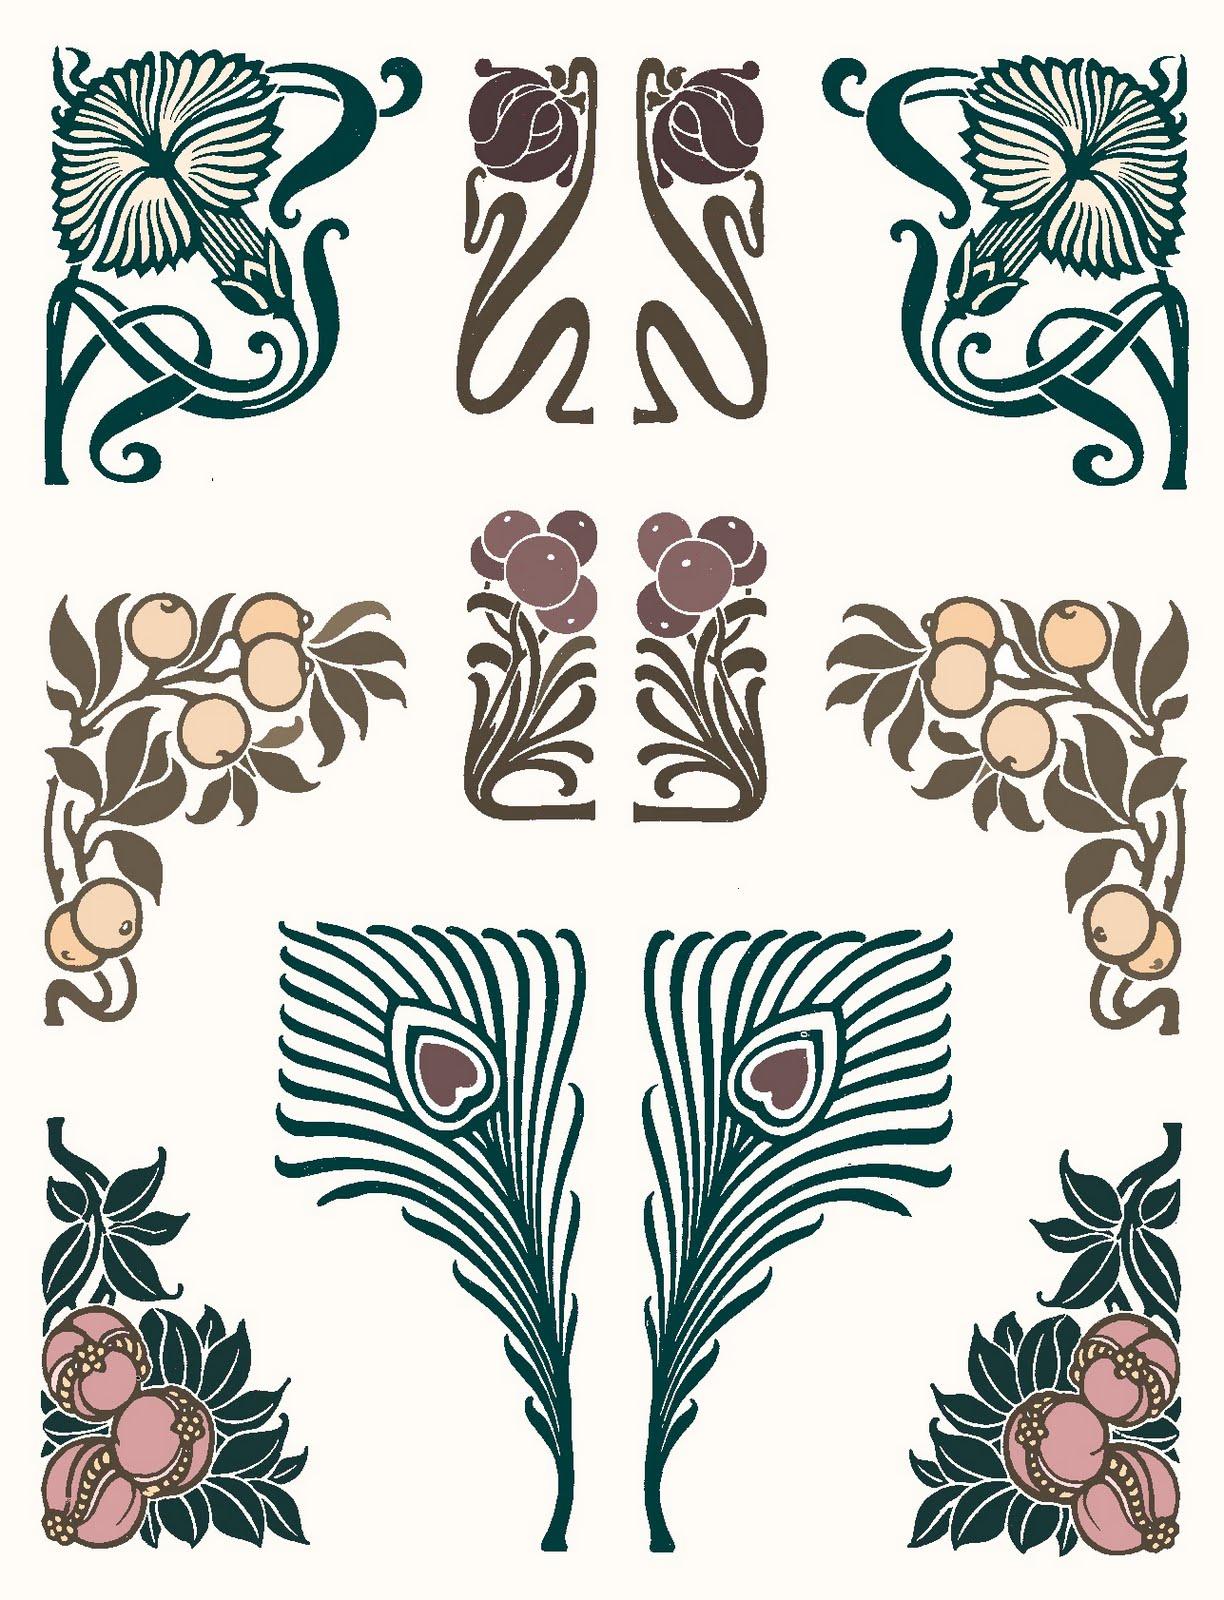 17 Best images about art nouveau on Pinterest | Art nouveau poster ...